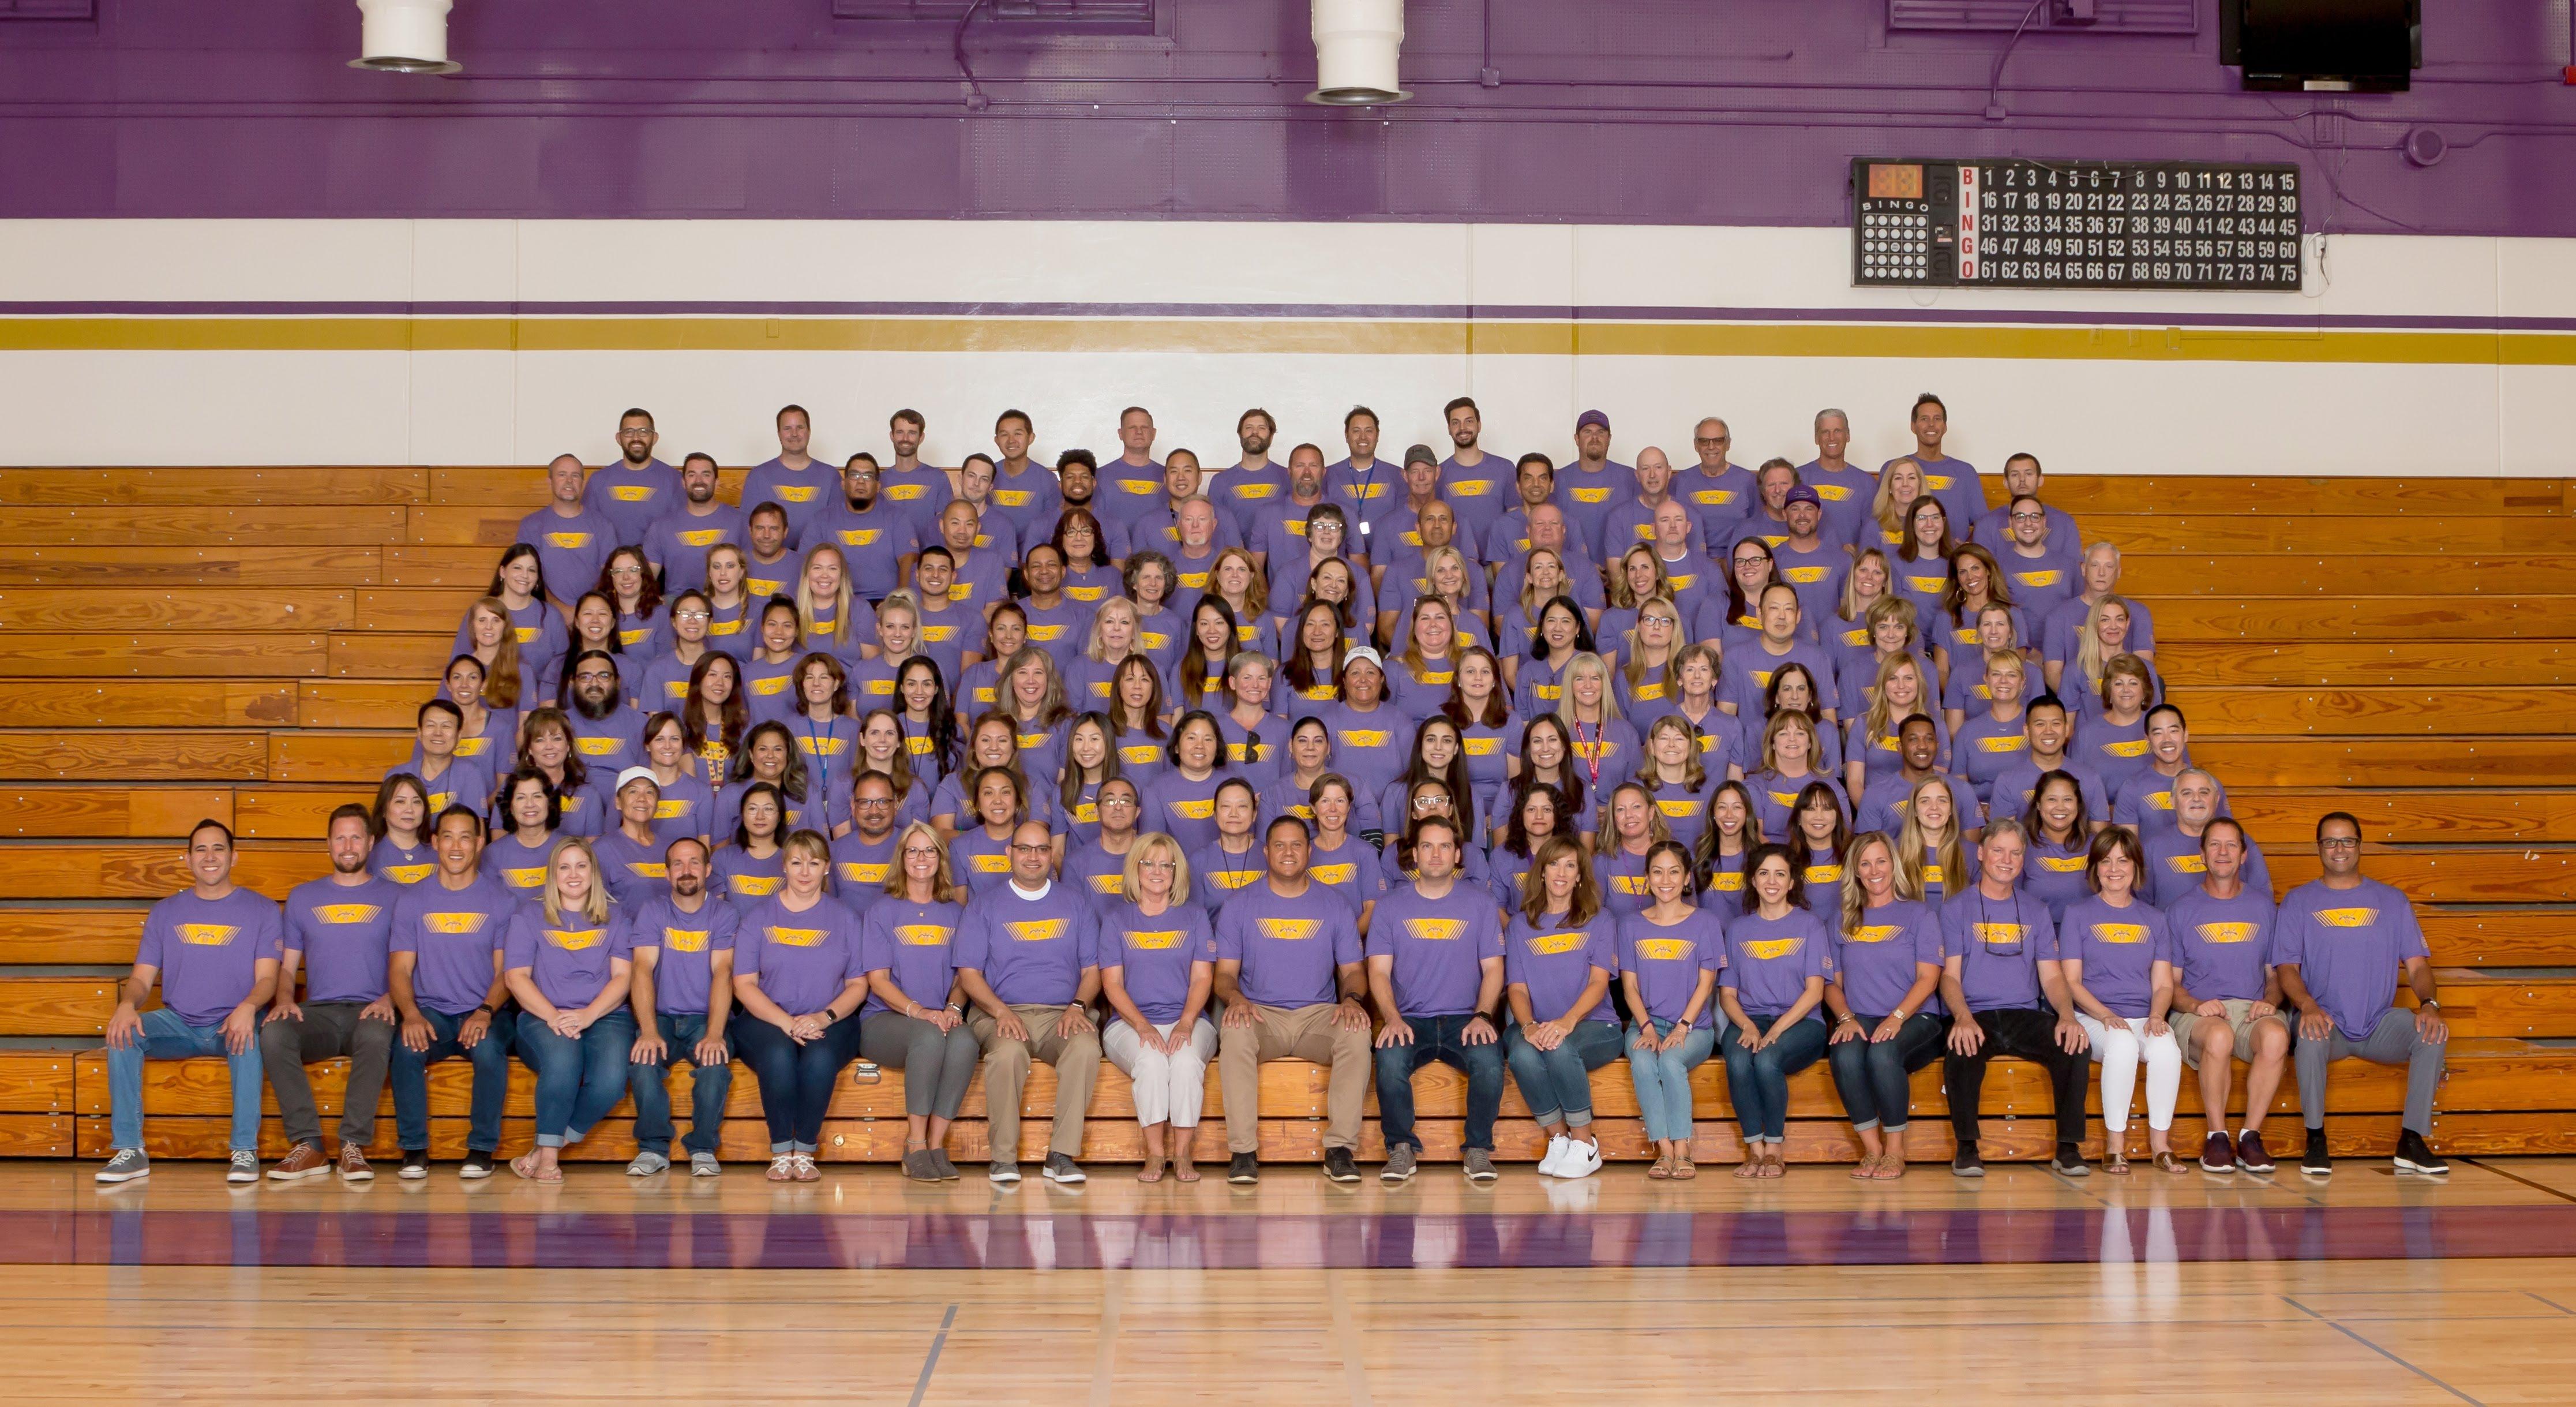 Events | Diamond Bar High School for Diamond Bar High School Calendar 2020